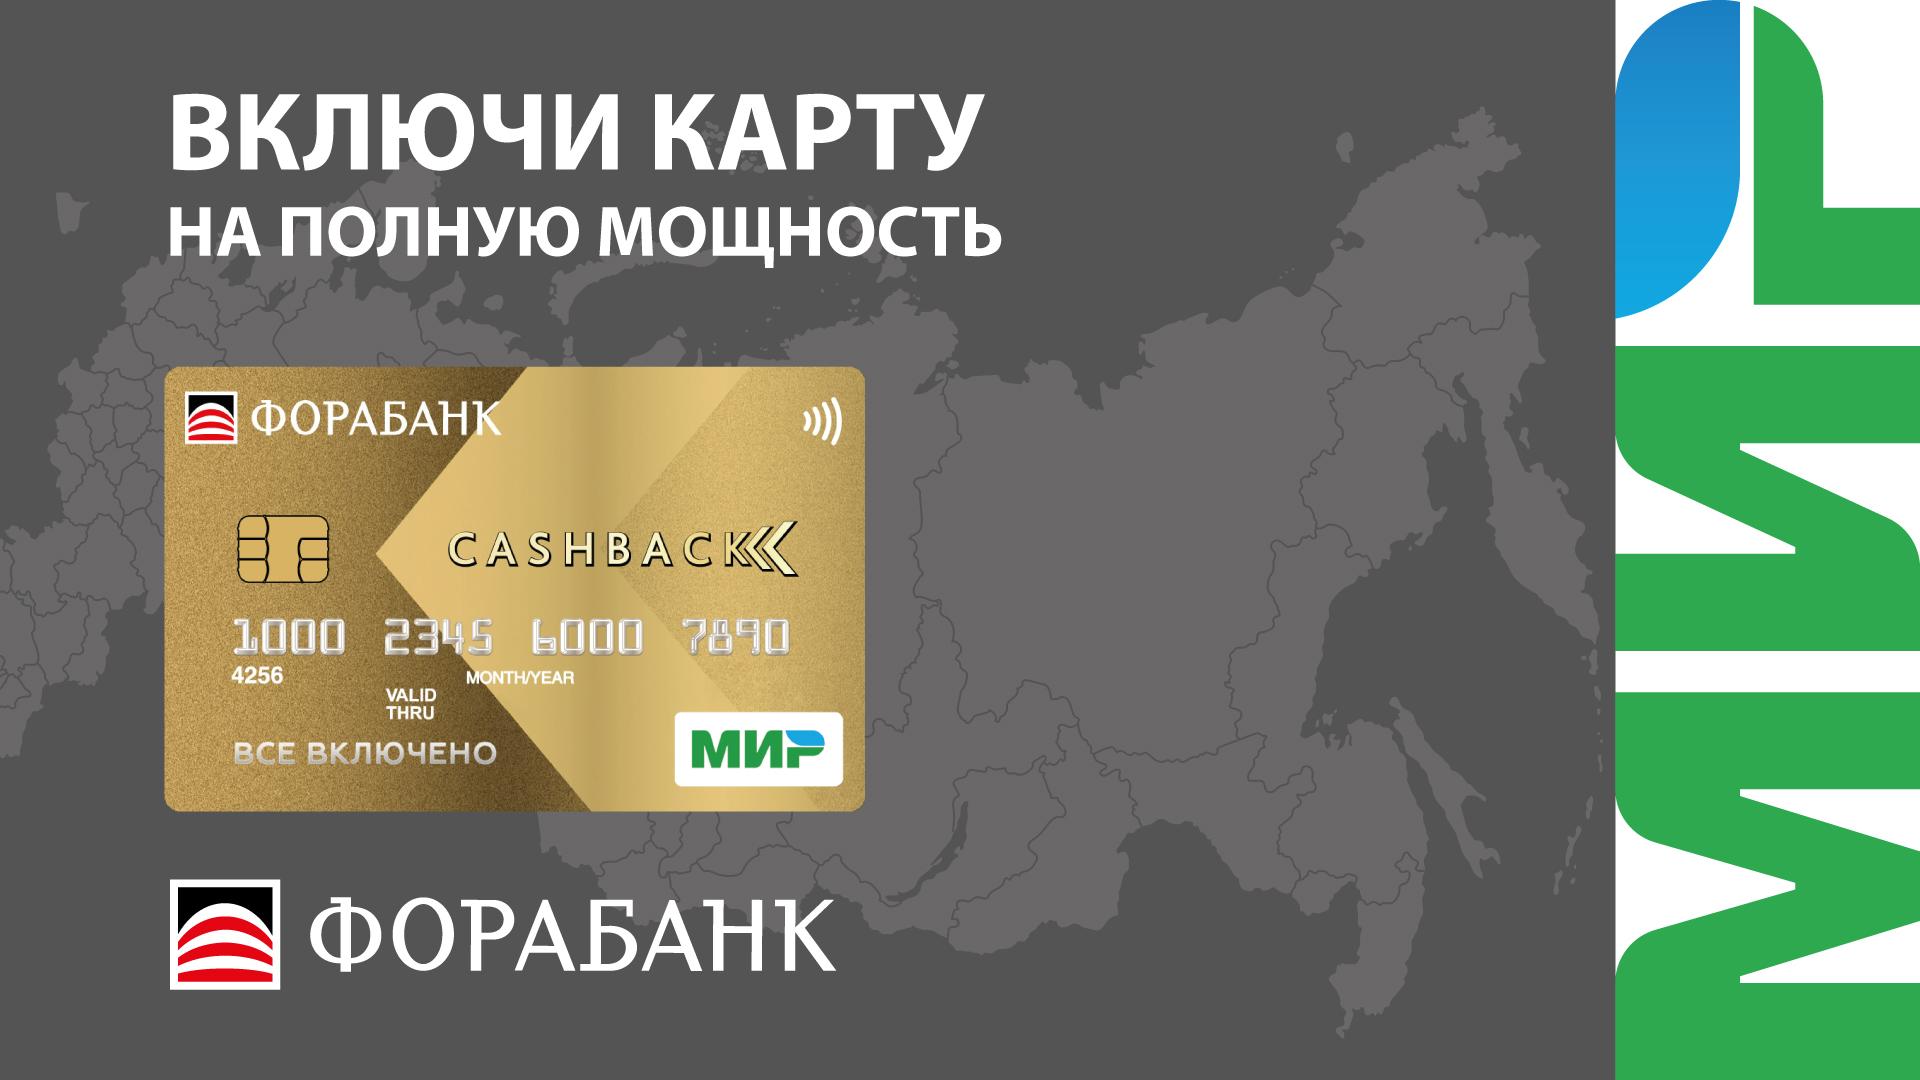 Онлайн заявка на кредит сбербанка калуга онлайн заявка на кредит рязань